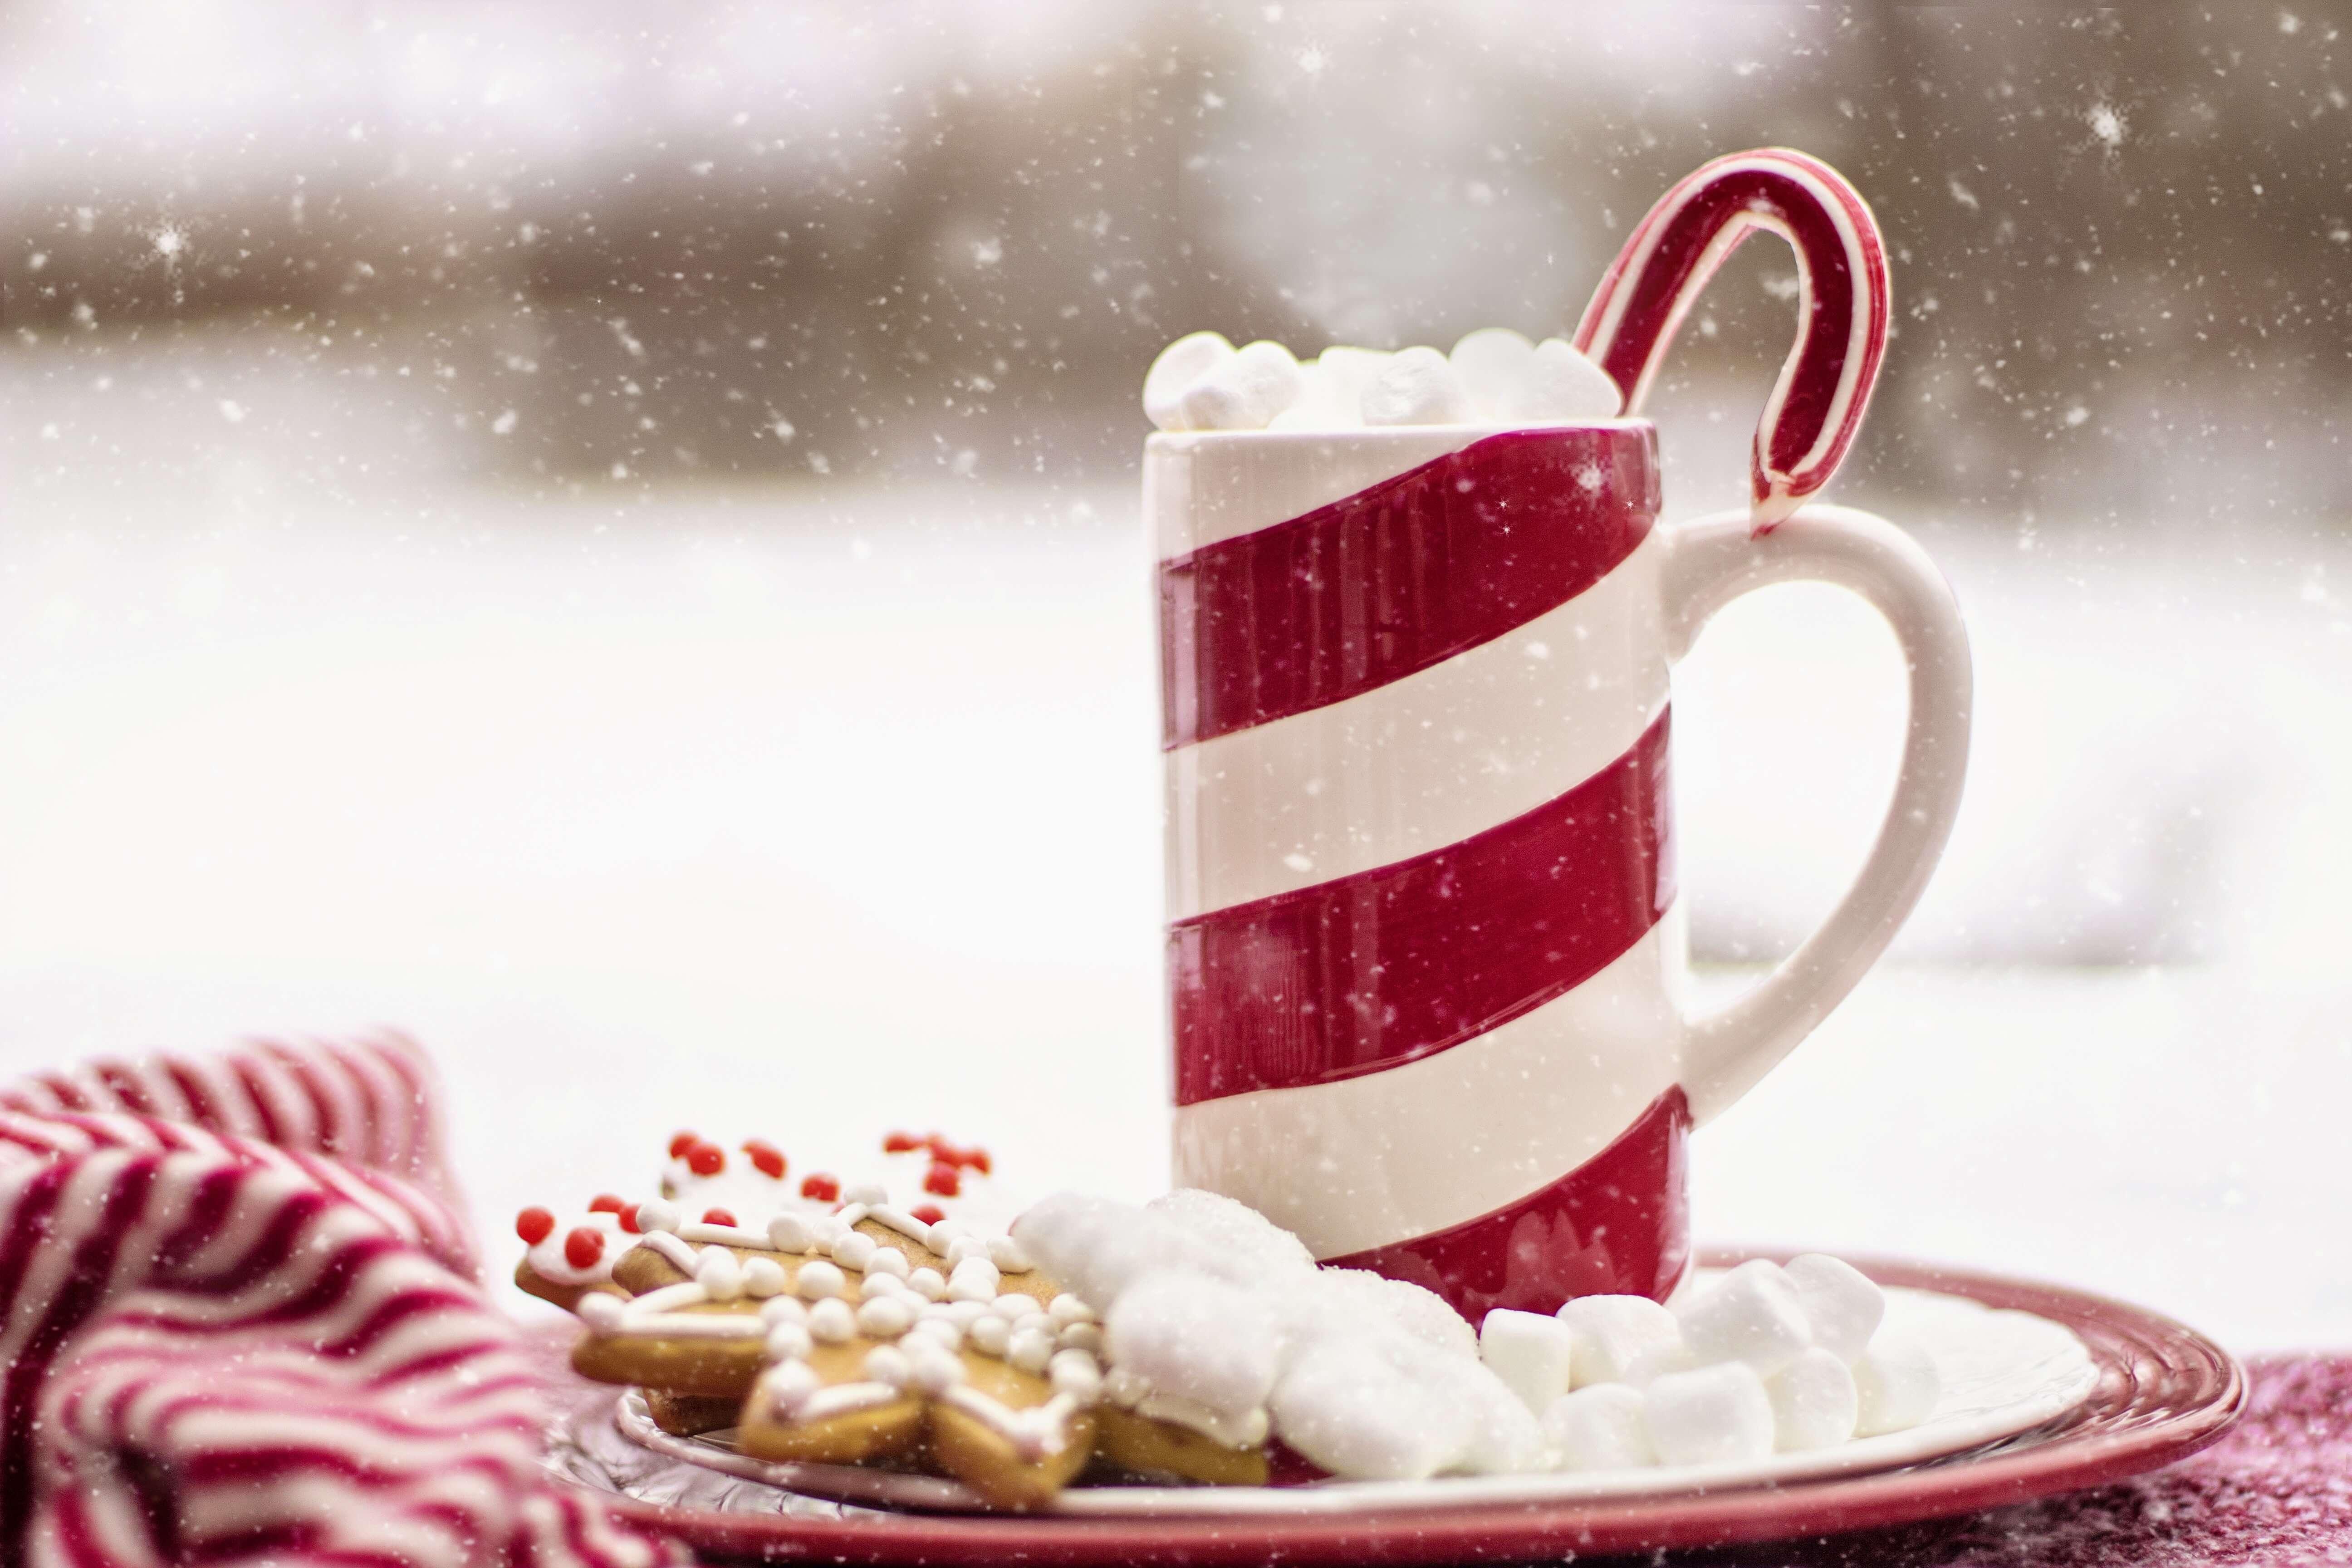 Über Weihnachten nicht zu nehmen. So kommst du schlank und gesund durch die Weihnachtszeit.